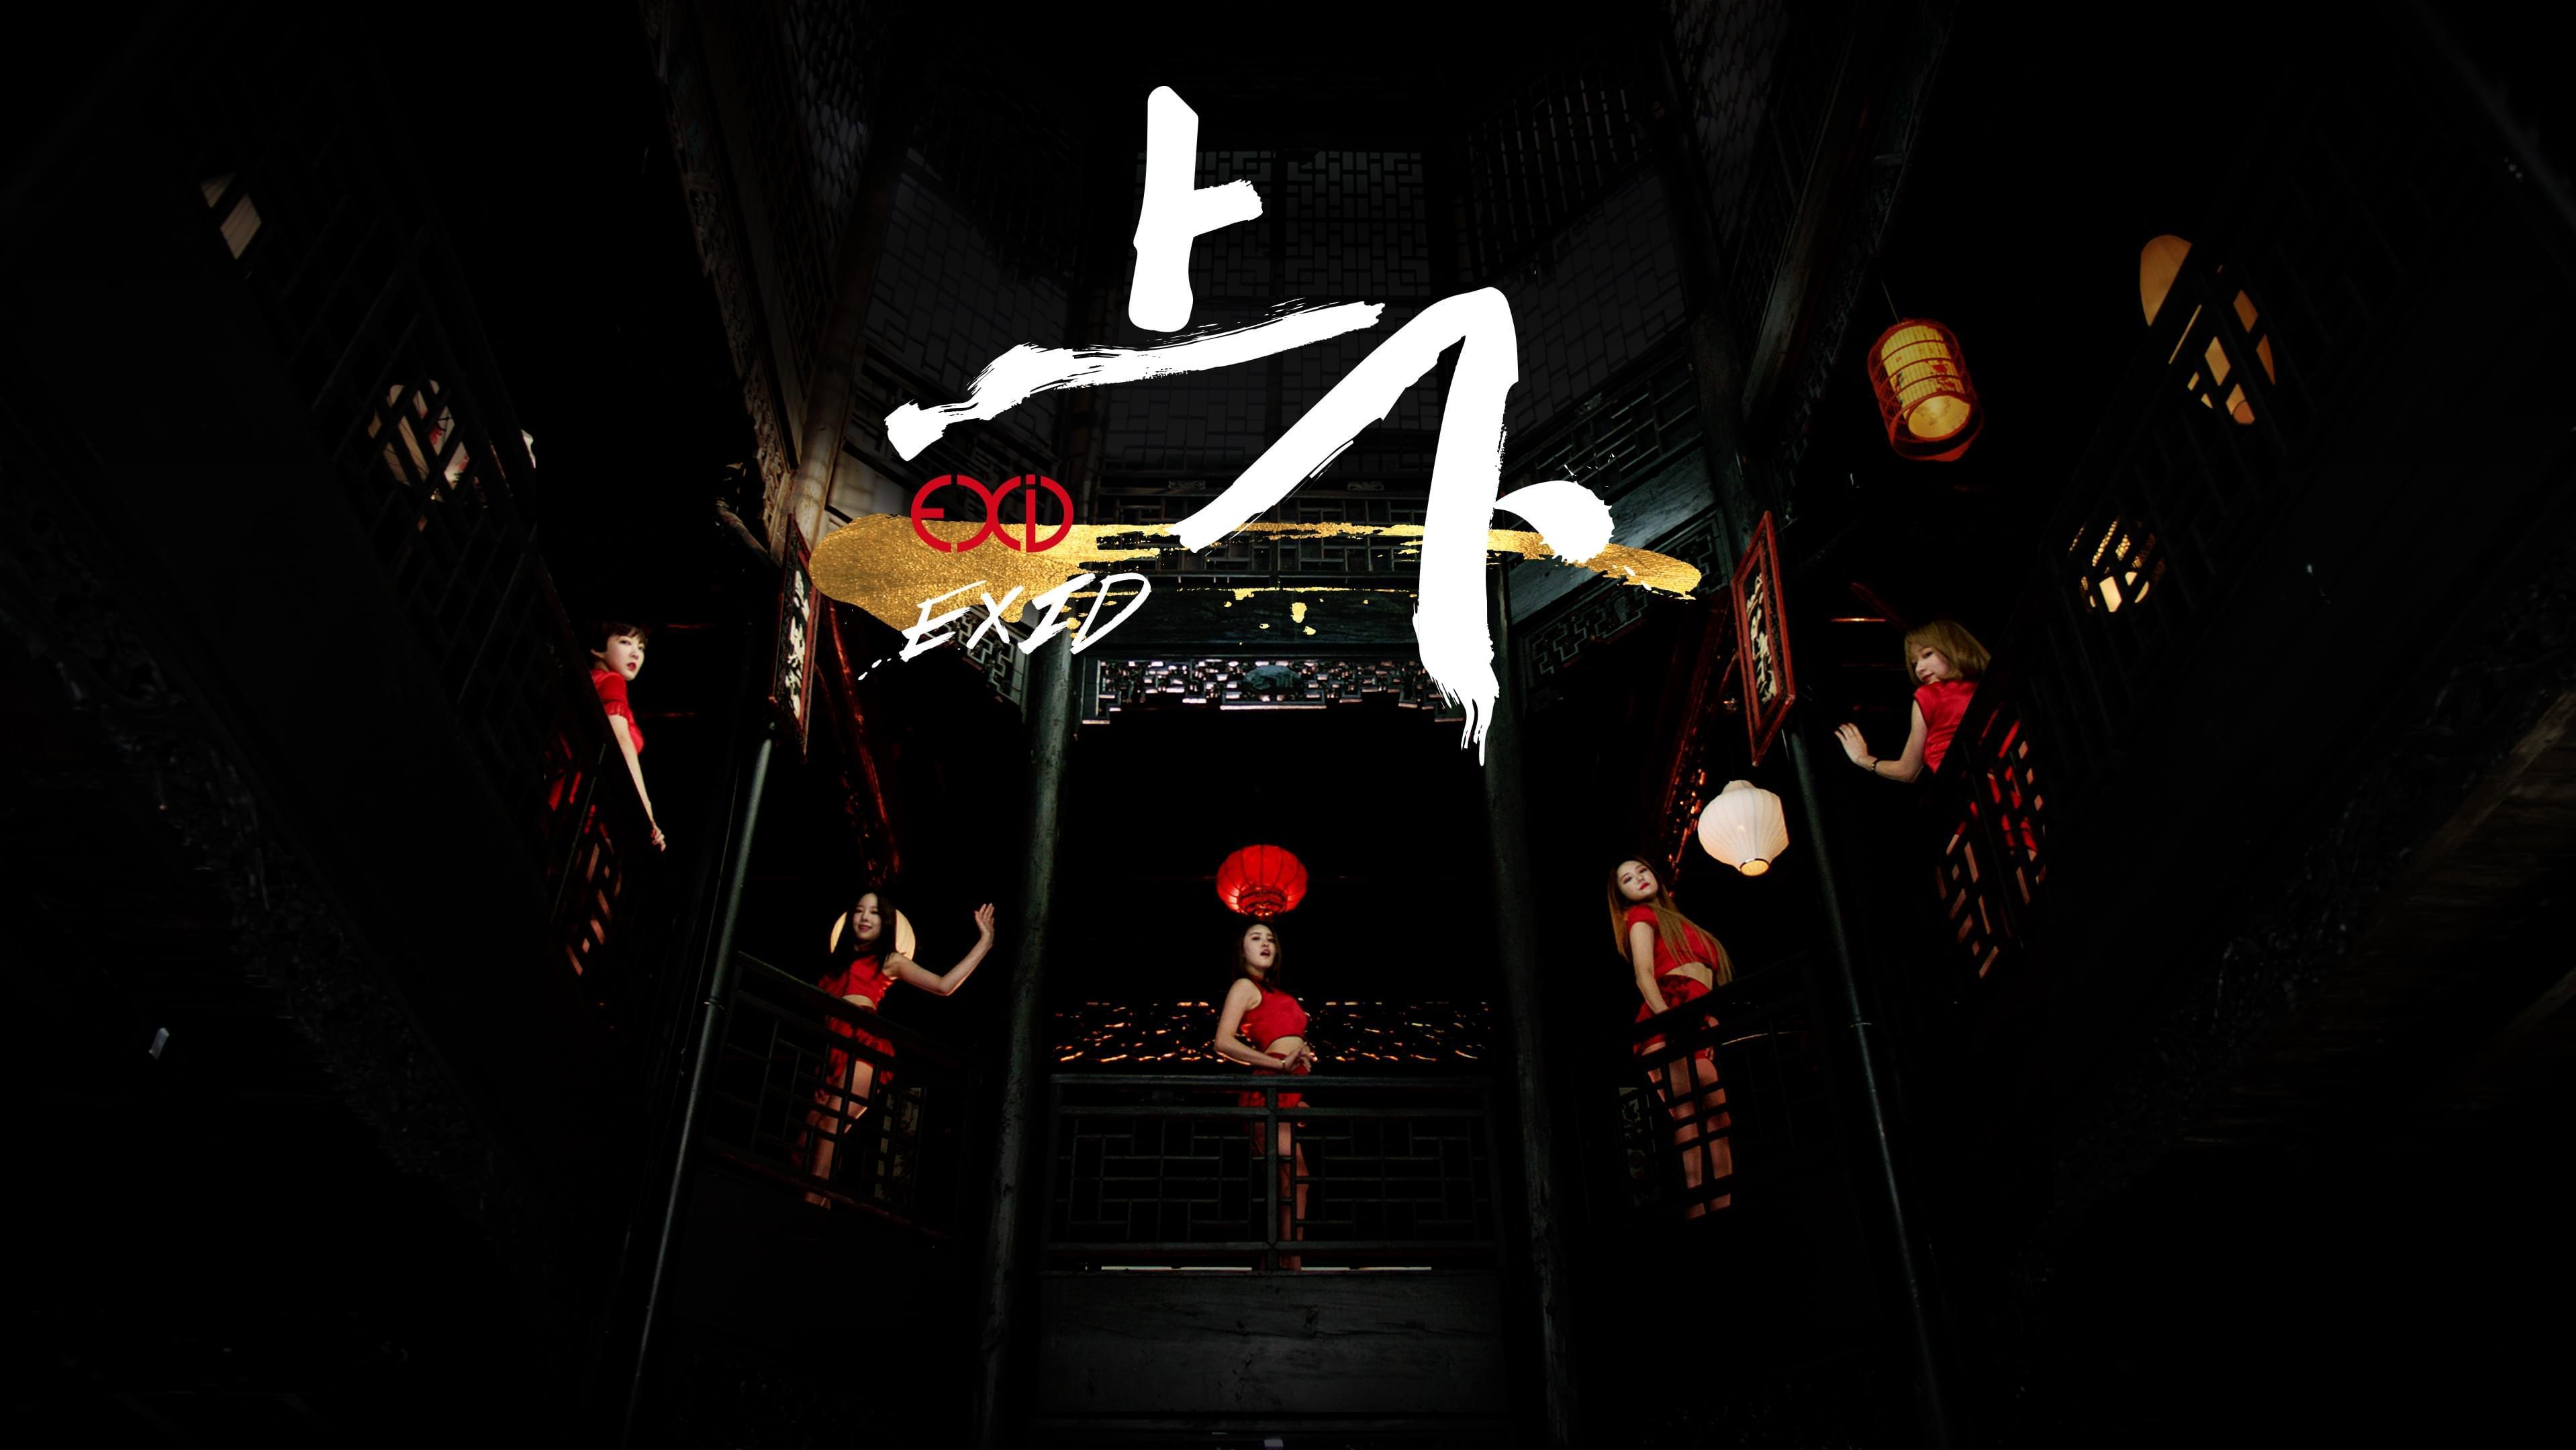 经纪公司香蕉计划发布中毒神曲《上下》中文版成名神曲